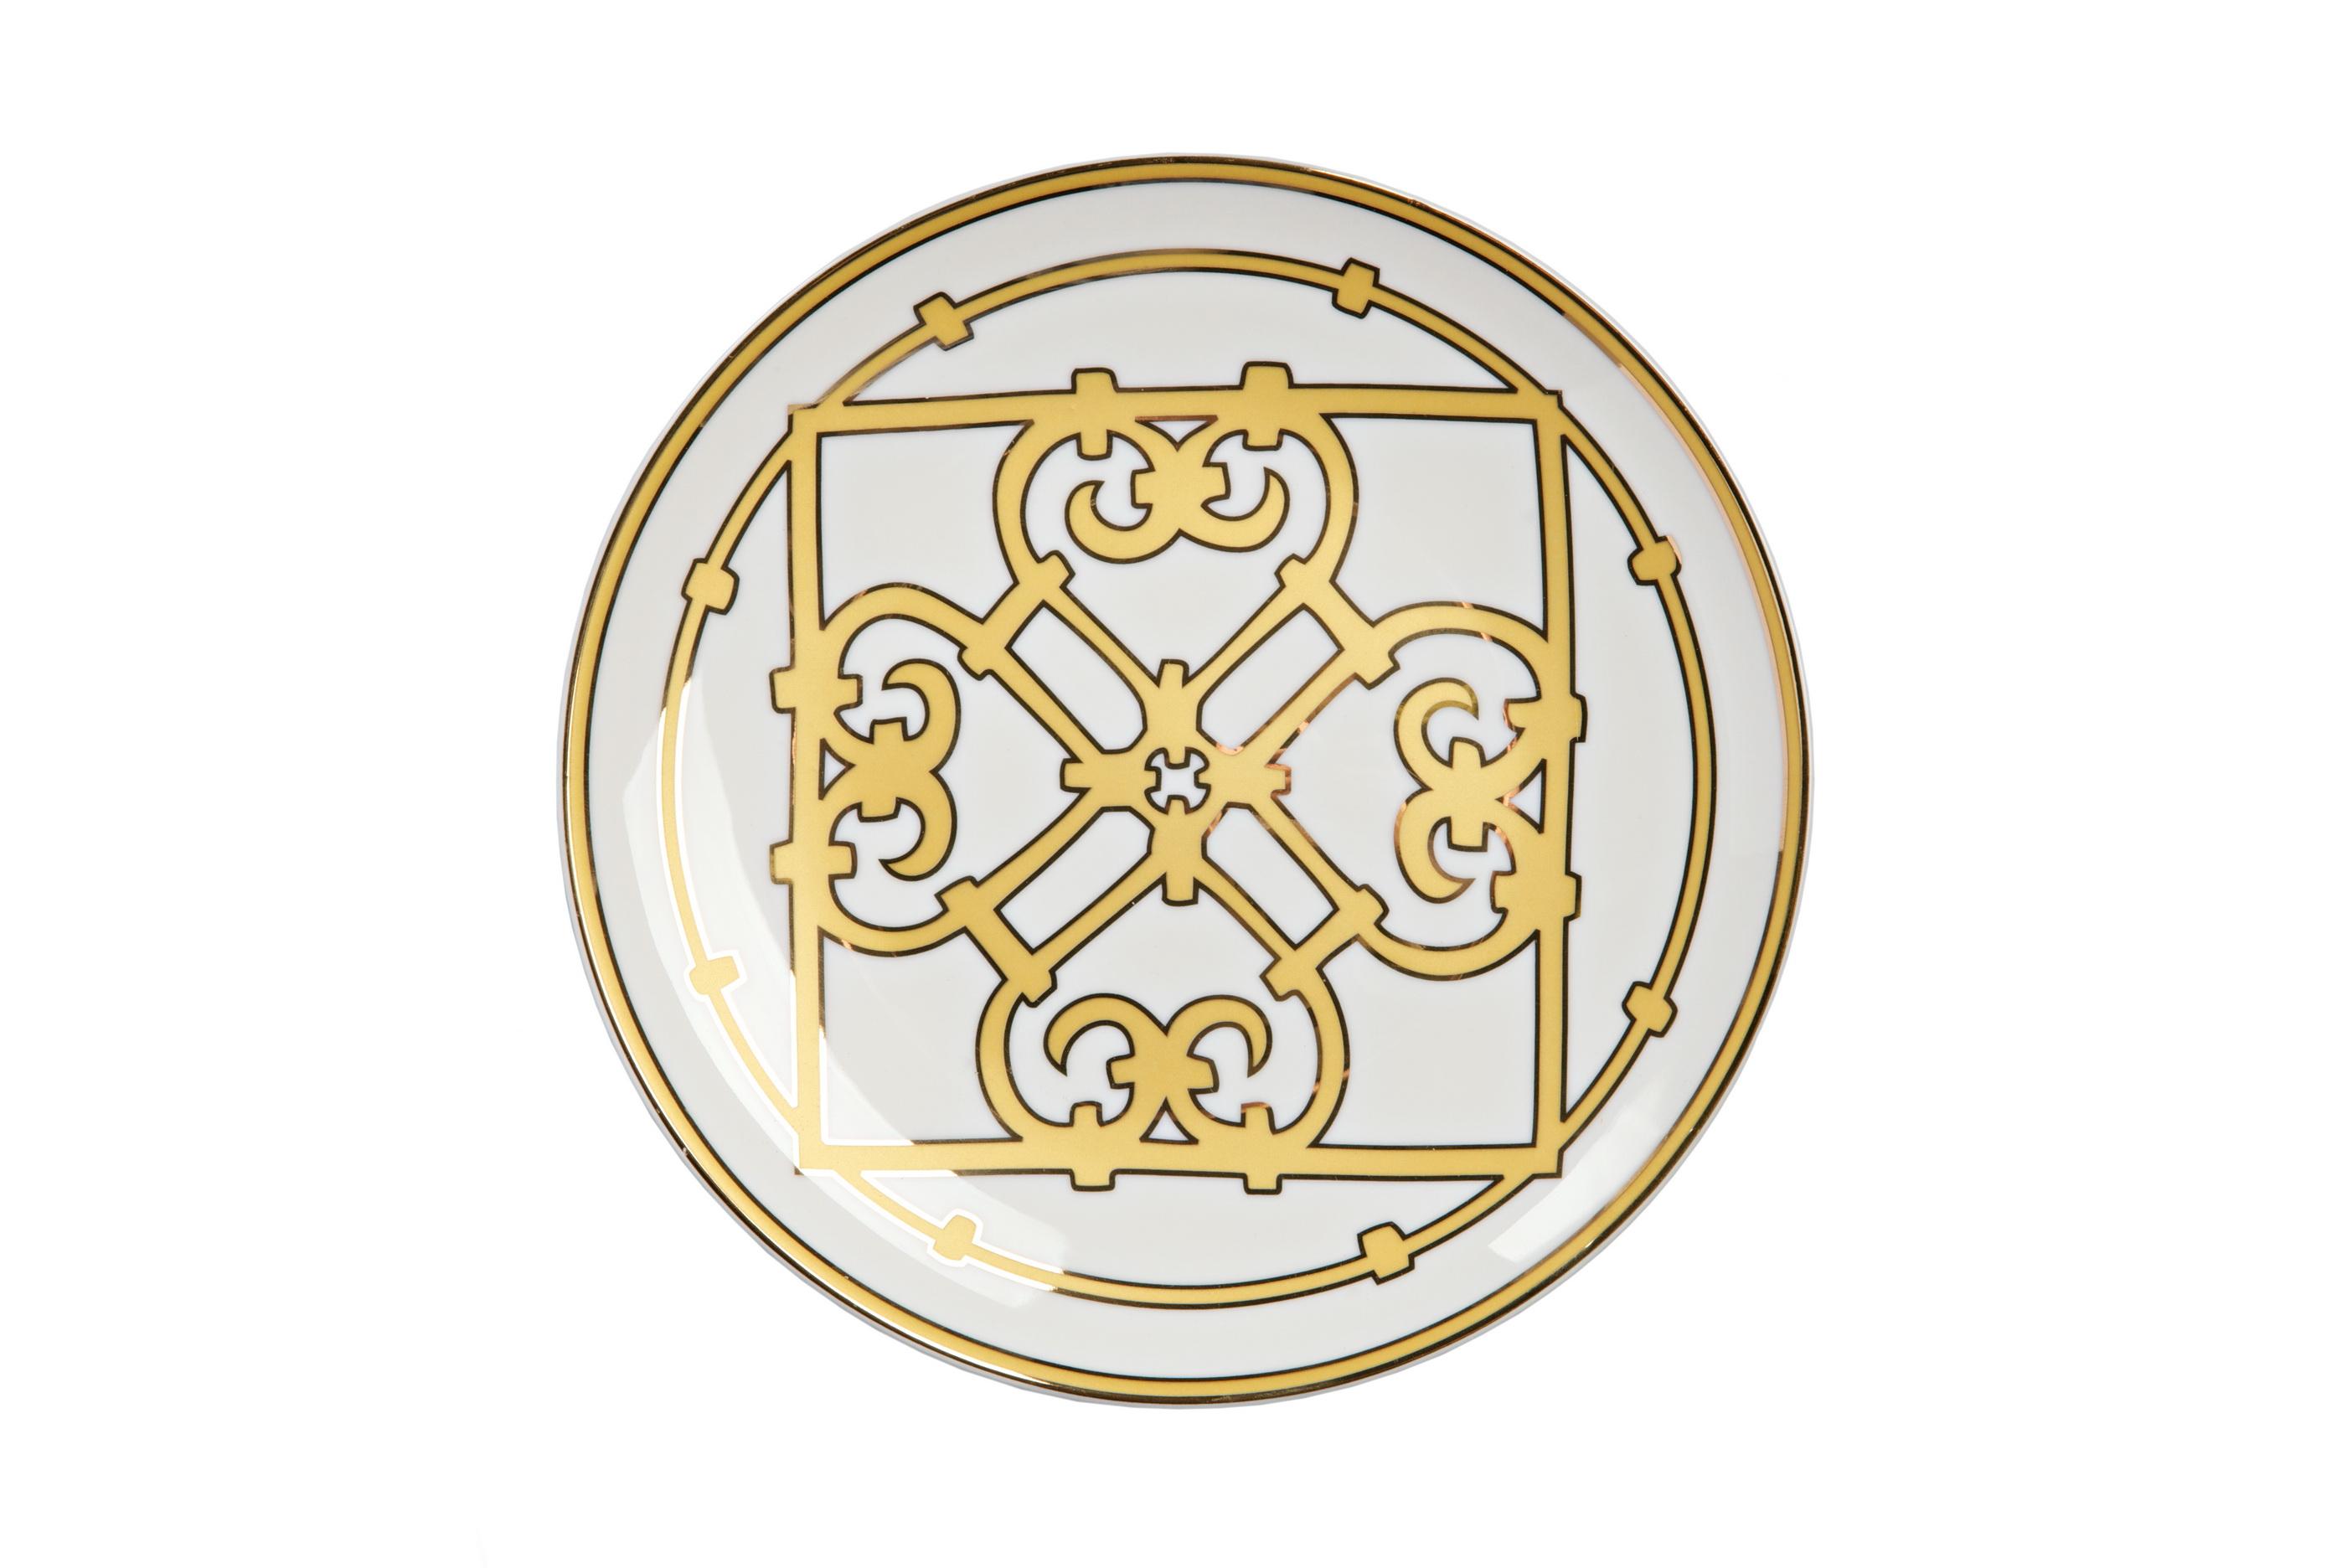 Тарелка Marbella МалаяДекоративные тарелки<br>Классическая плоская тарелка для закусок и вторых блюд серии «Marbella» выполнена из высококачественного костяного фарфора и украшена великолепным геометрическим орнаментом в стиле модерн (moderne). Сочетание золотистого и белого цветов придают изделию особое благородство. В оформлении коллекции используется несколько видов орнамента, превосходно сочетающихся и дополняющих друг друга. Вы можете приобрести тарелку отдельно или в комплекте с другими предметами серии.<br><br>Material: Фарфор<br>Depth см: 1.5<br>Height см: None<br>Diameter см: 20